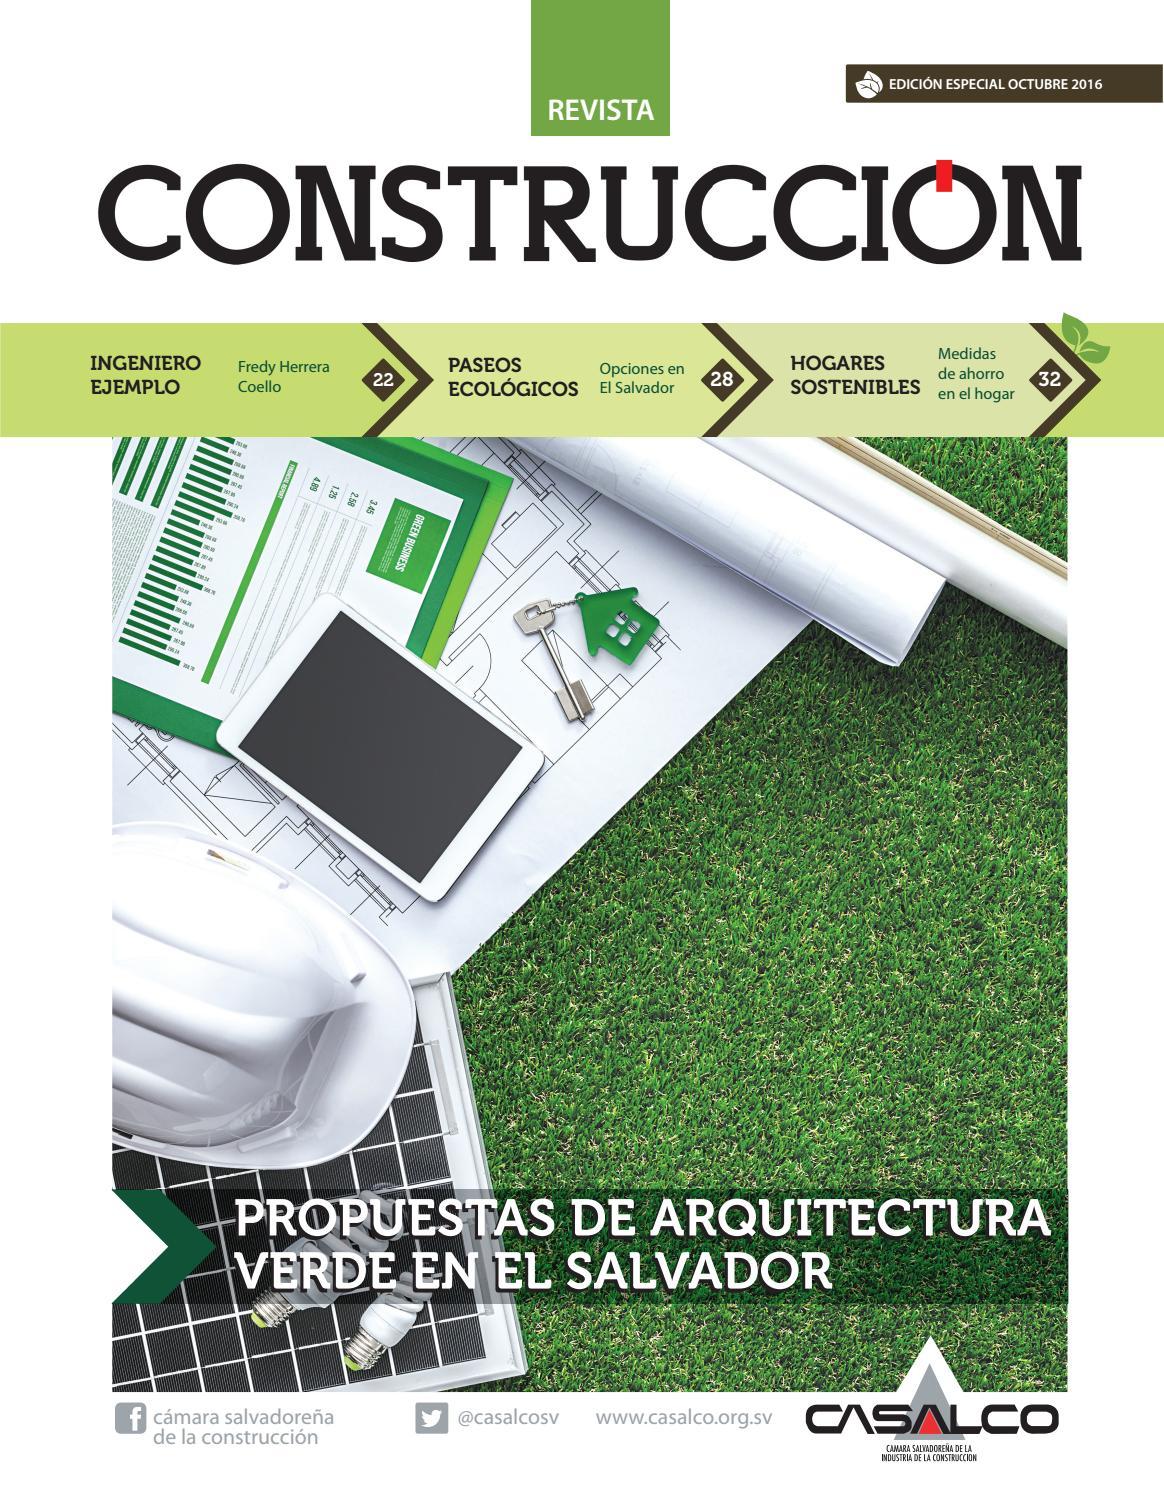 Revista construcci n verde 2016 by casalco sv issuu for Mallazo de obra precios